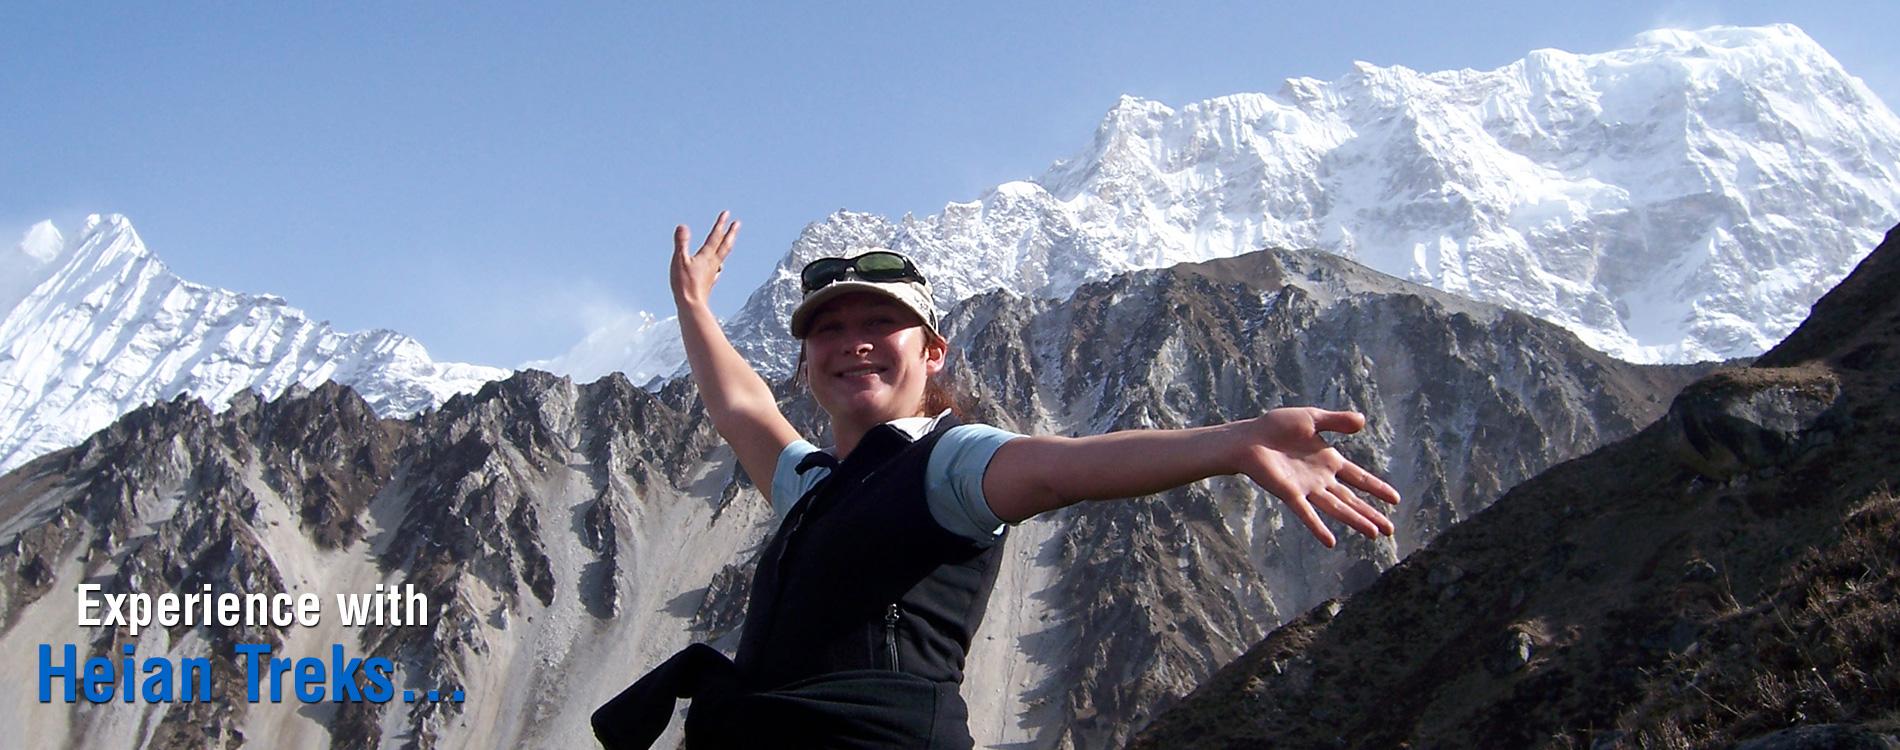 Trekking in Nepal 2019, Trekking in Nepal, Nepal Trekking, Best Trekking Company  in Nepal